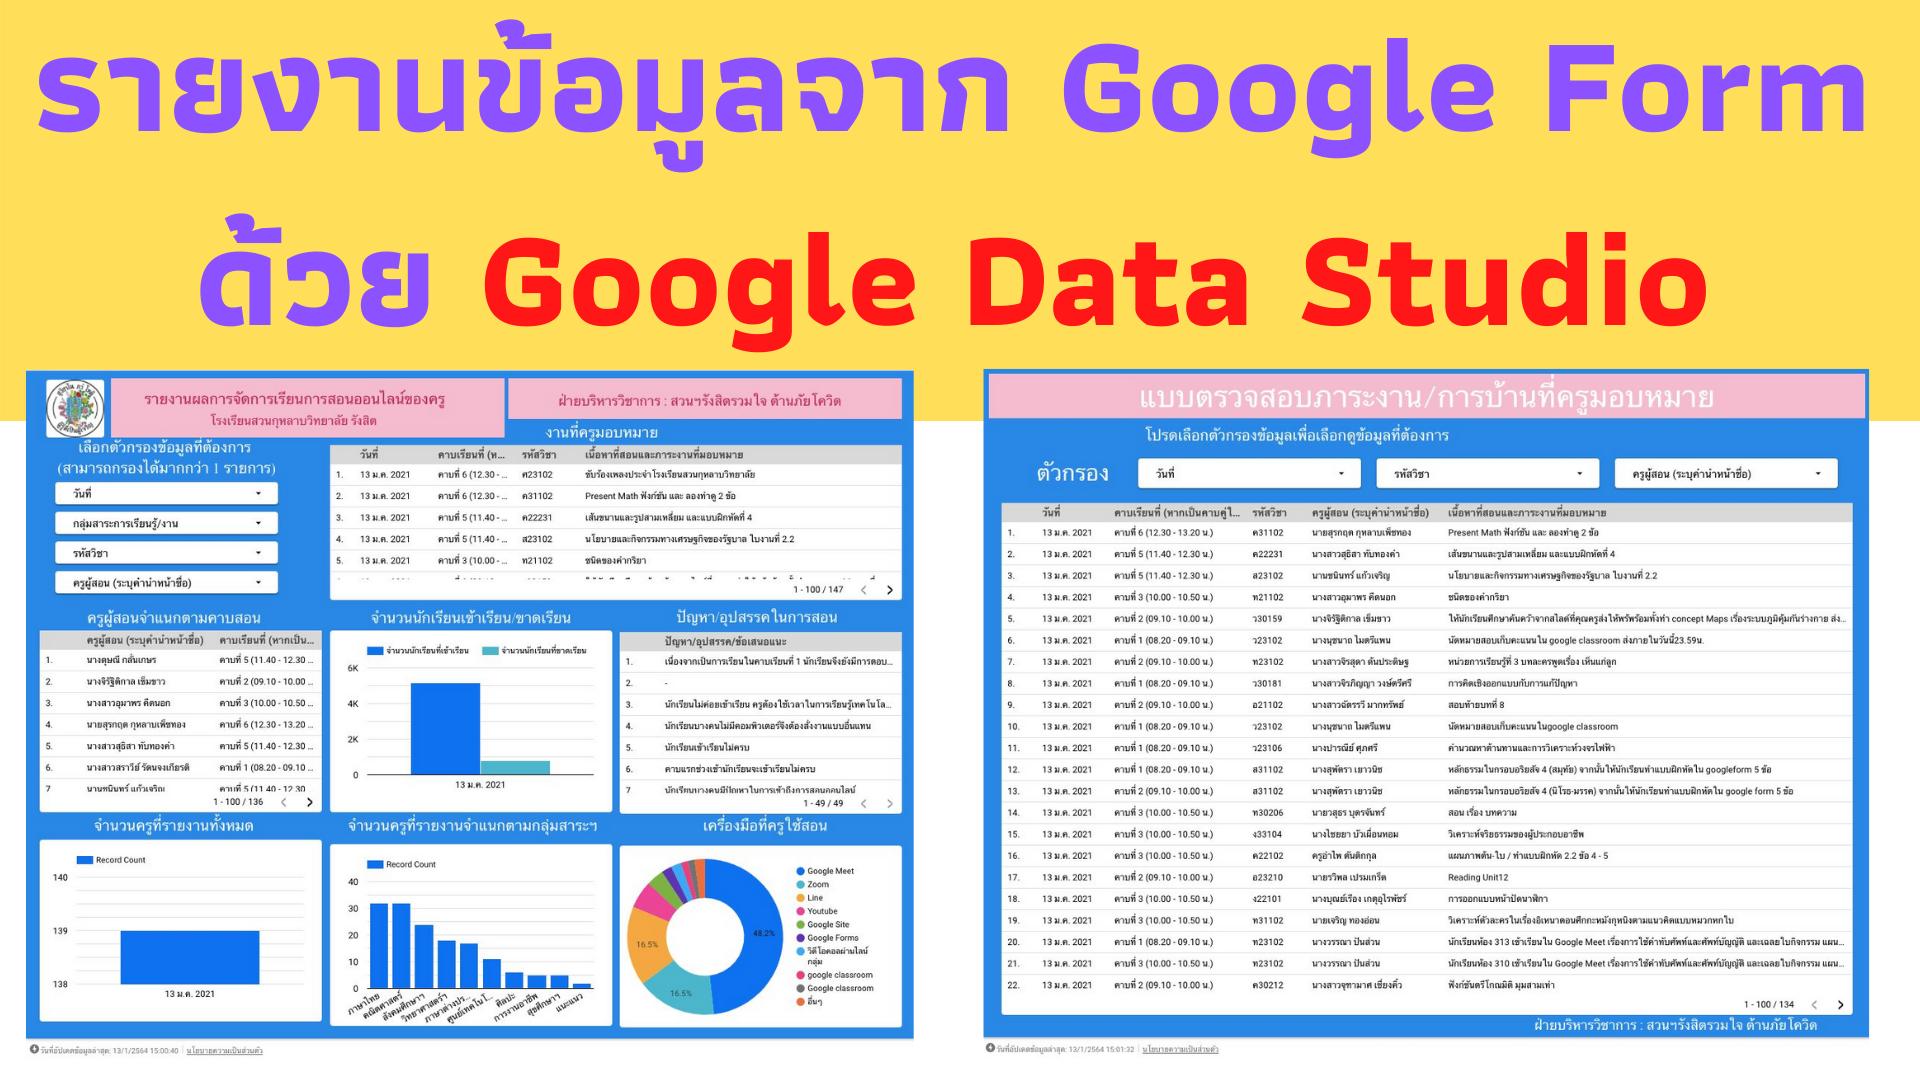 การใช้งาน Google Data Studio รายงานข้อมูลจาก Spread Sheet / Google Form